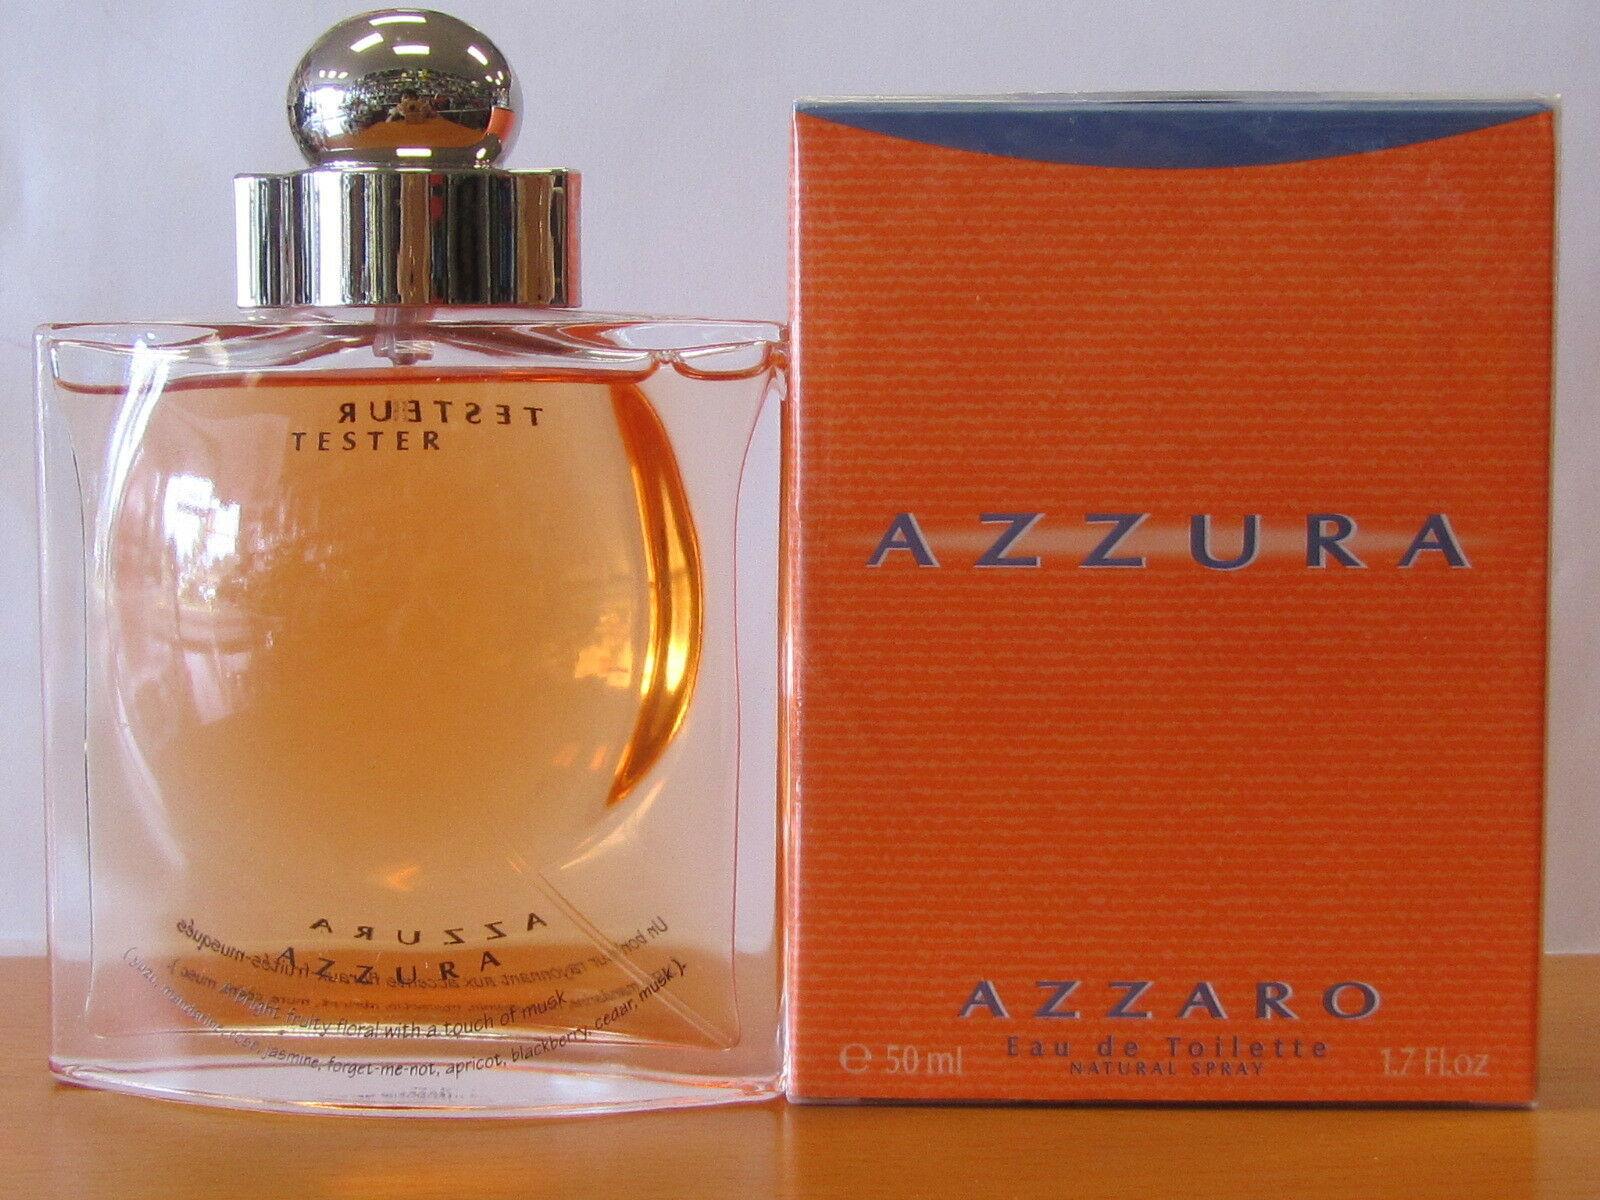 Azzaro azzura perfume